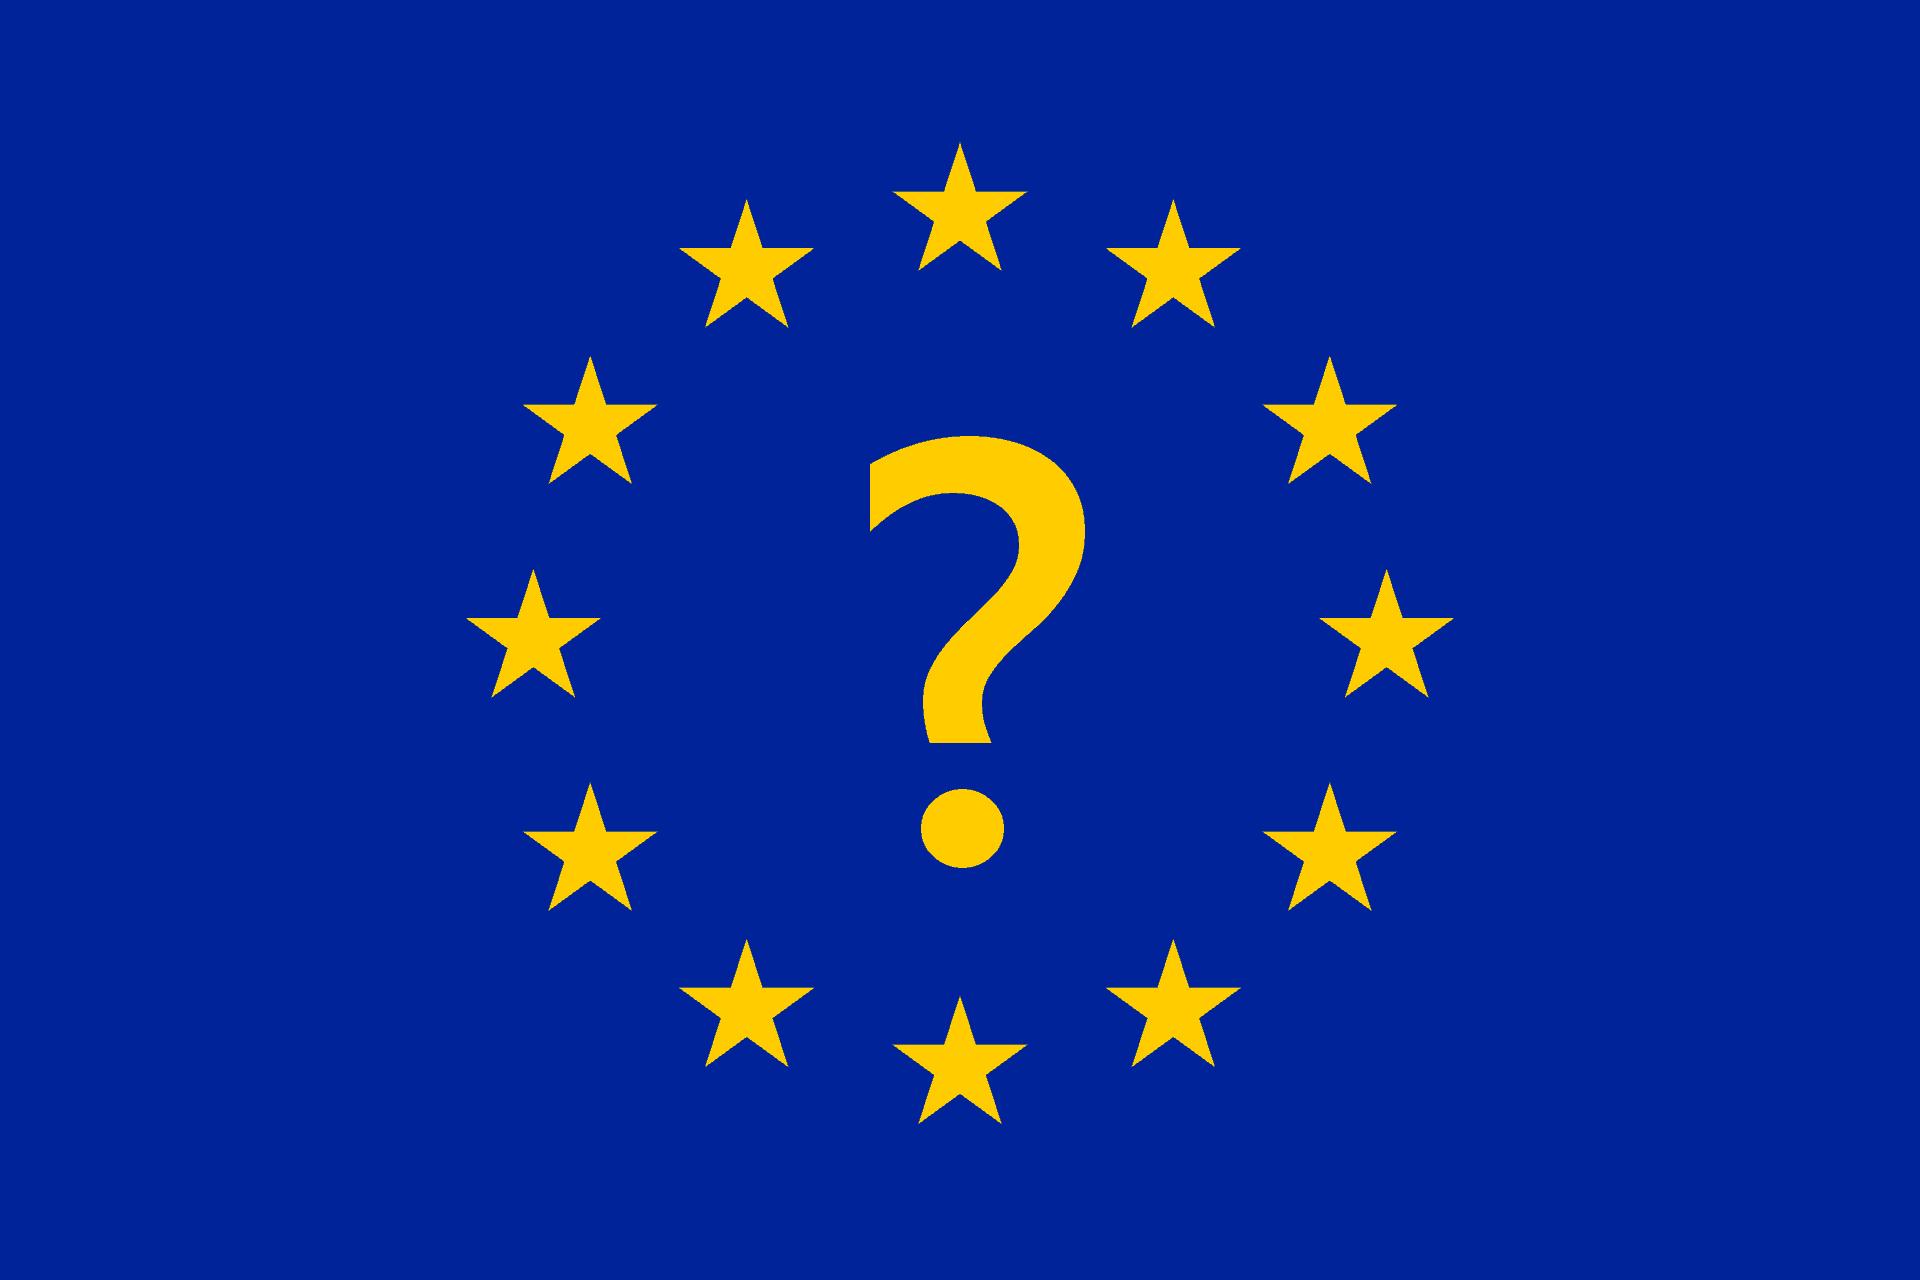 Ein kritischer Blick auf die europäische Union und ihre Institutionen mit Ewald Stadler